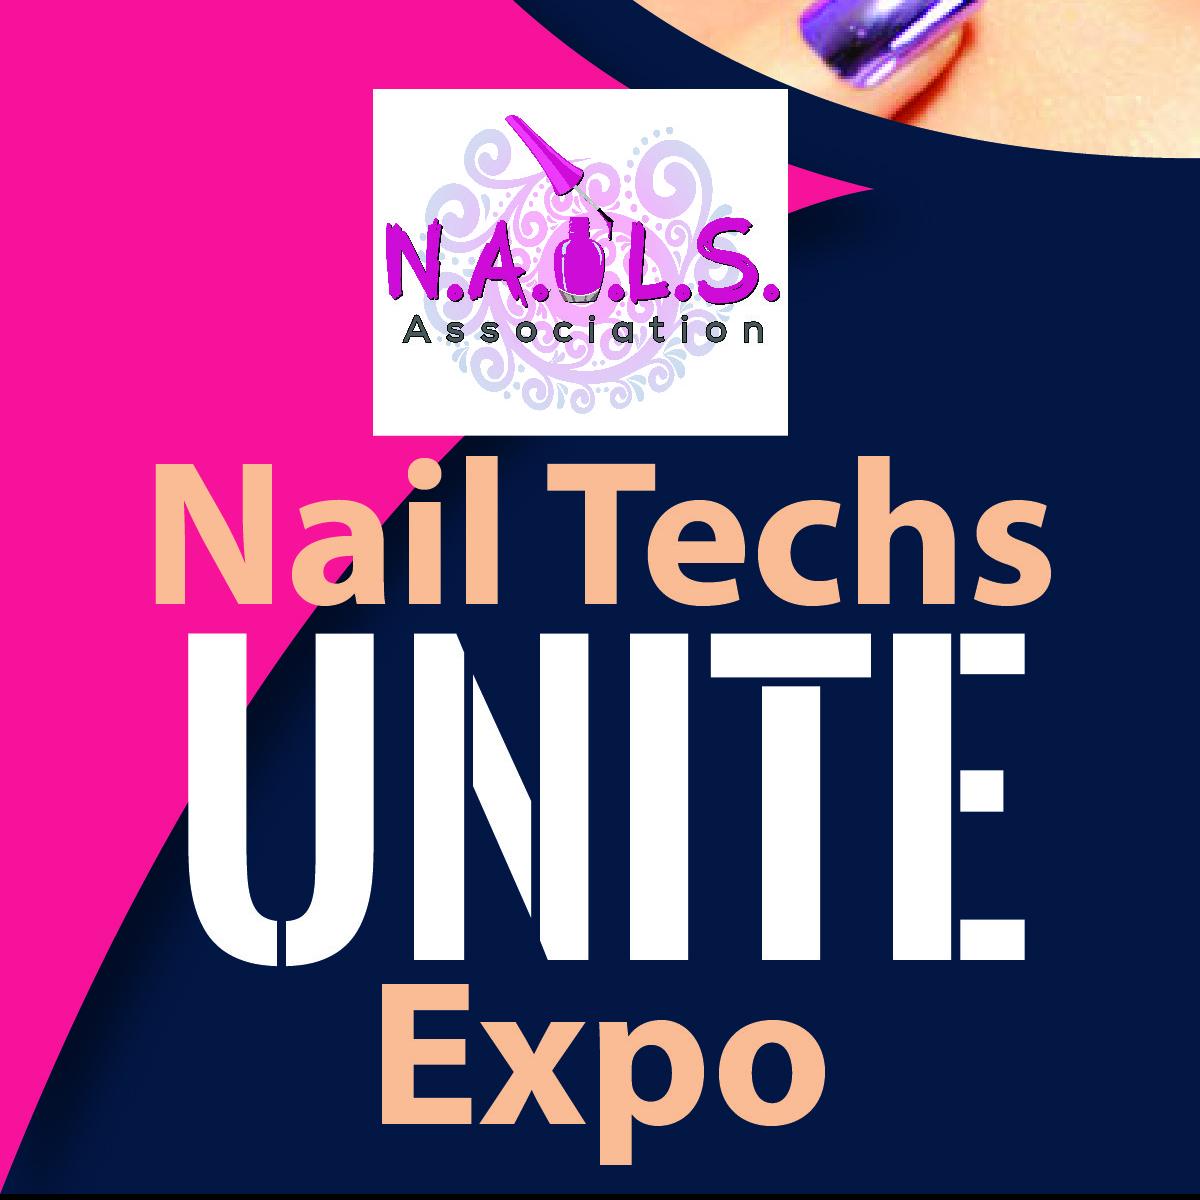 Nail Techs UNITE Expo